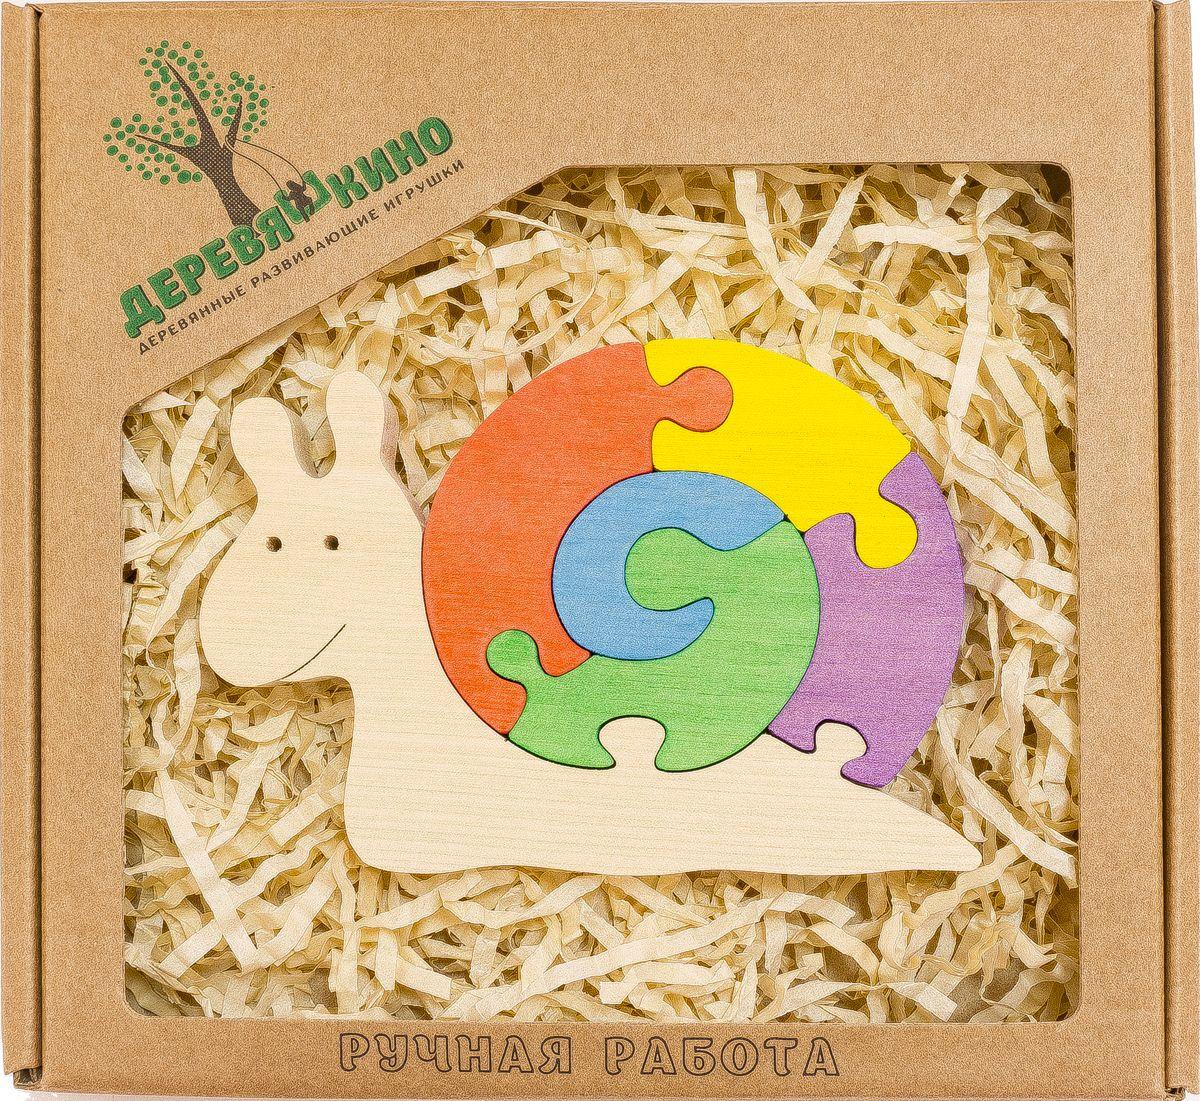 Деревяшкино Пазл для малышей Веселая улитка570Развивающая деревянная головоломка Весёлая улитка (средней степени сложности) подходит для мальчиков и девочек в возрасте 3-5лет, состоит из 6 деталей. Экологически чистый продукт: изготовлено вручную из массива березы. Игрушка раскрашена пищевой водостойкой краской, что делает взаимодействие с изделием абсолютно безопасным: никаких лаков, «химии» или добавок. Процесс сборки деревянной головоломки развивает: тактильную сенсорику, внимательность, усидчивость, пространственное мышление, мелкую моторику, а так же учит различать элементы по цвету, форме и размеру. С продукцией компании Деревяшкино, Ваши детки развиваются, играя без риска для здоровья.